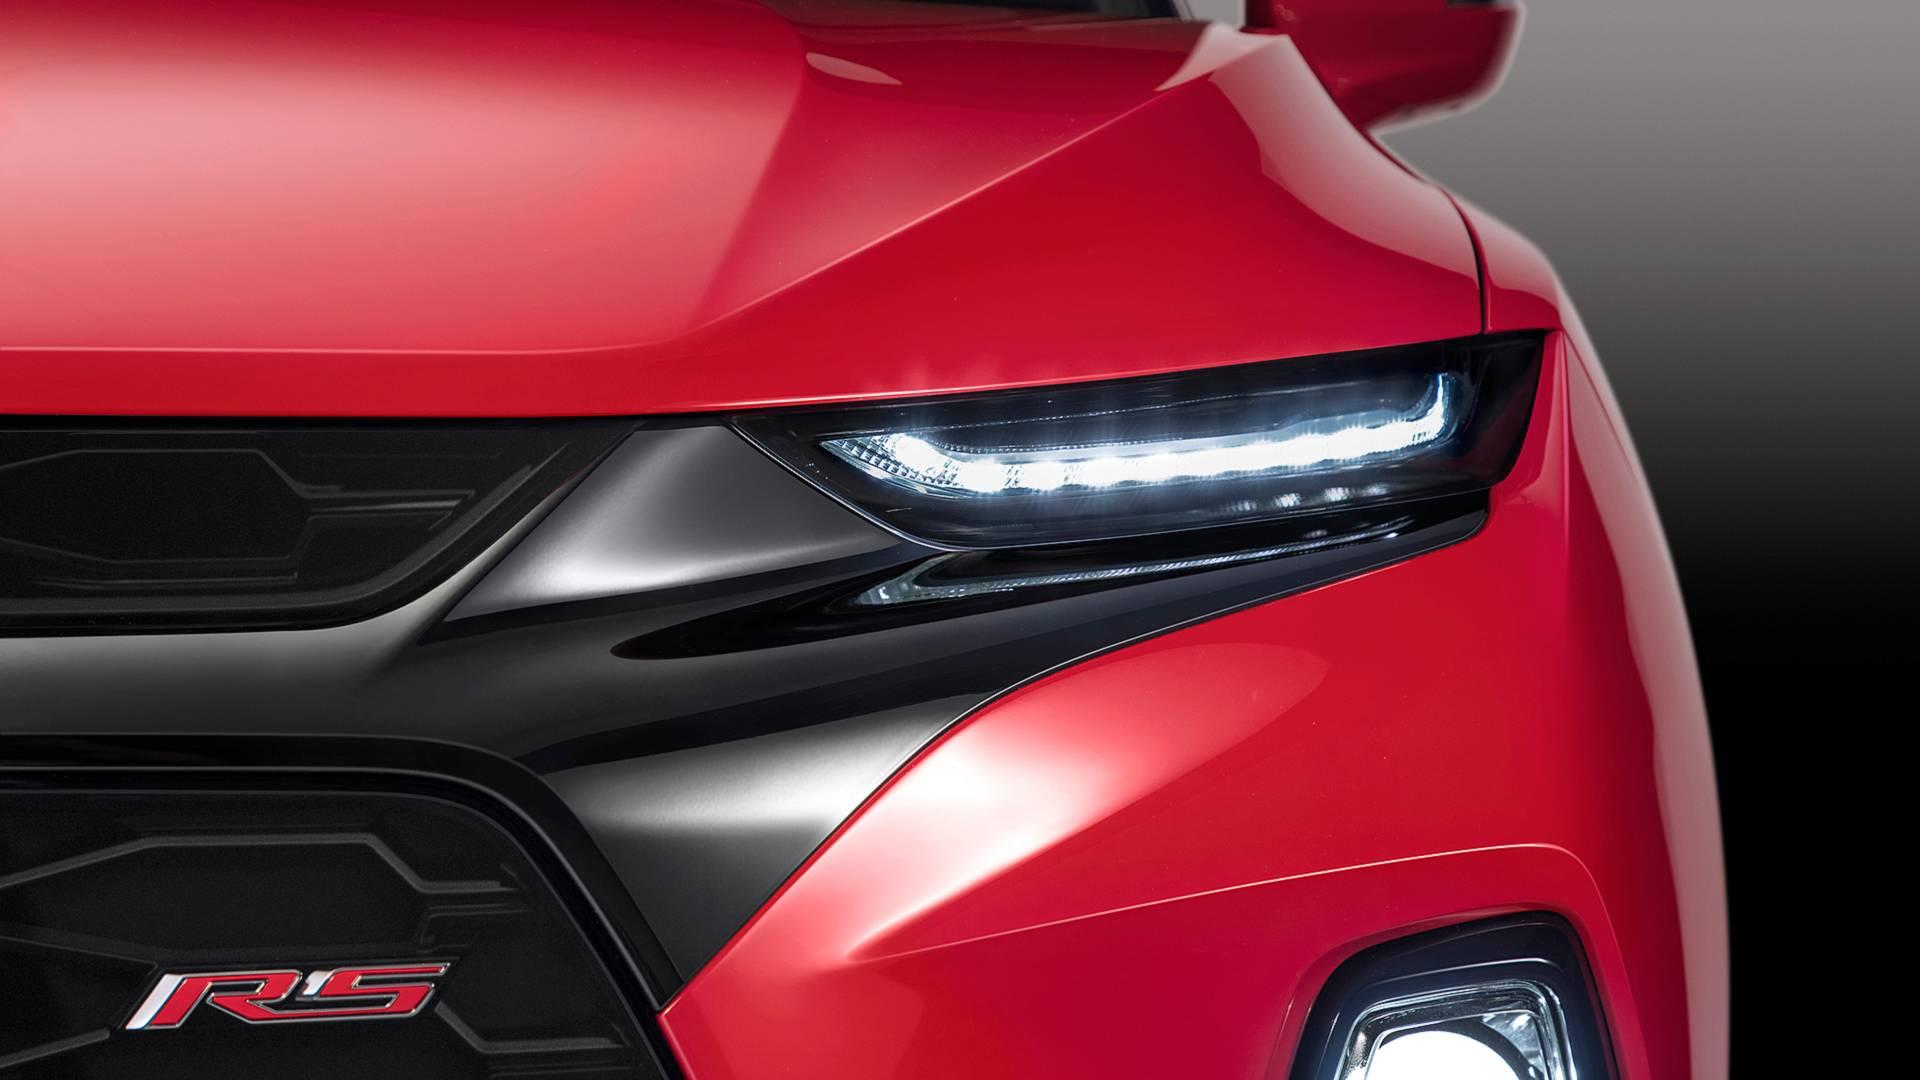 Chevrolet Blazer Gets Detailed Walkaround on Chevy 4 3 V6 Engine